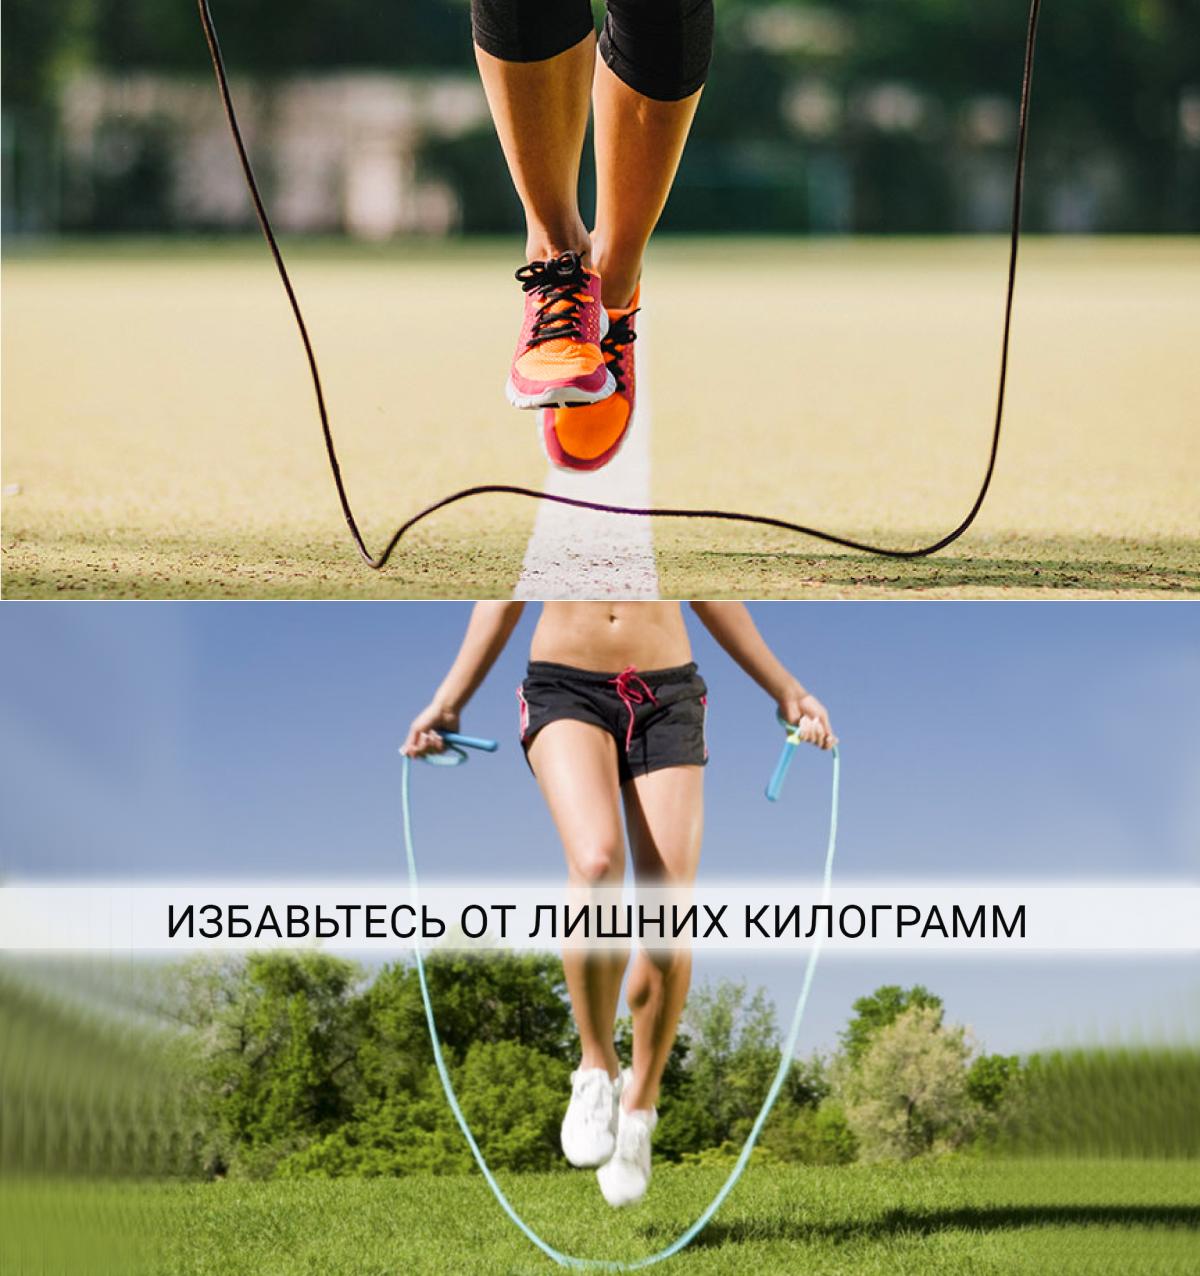 Эффективна Ли Скакалка При Похудении. Как прыжки на скакалке помогают похудеть - как правильно прыгать, интервальные тренировки и упражнения